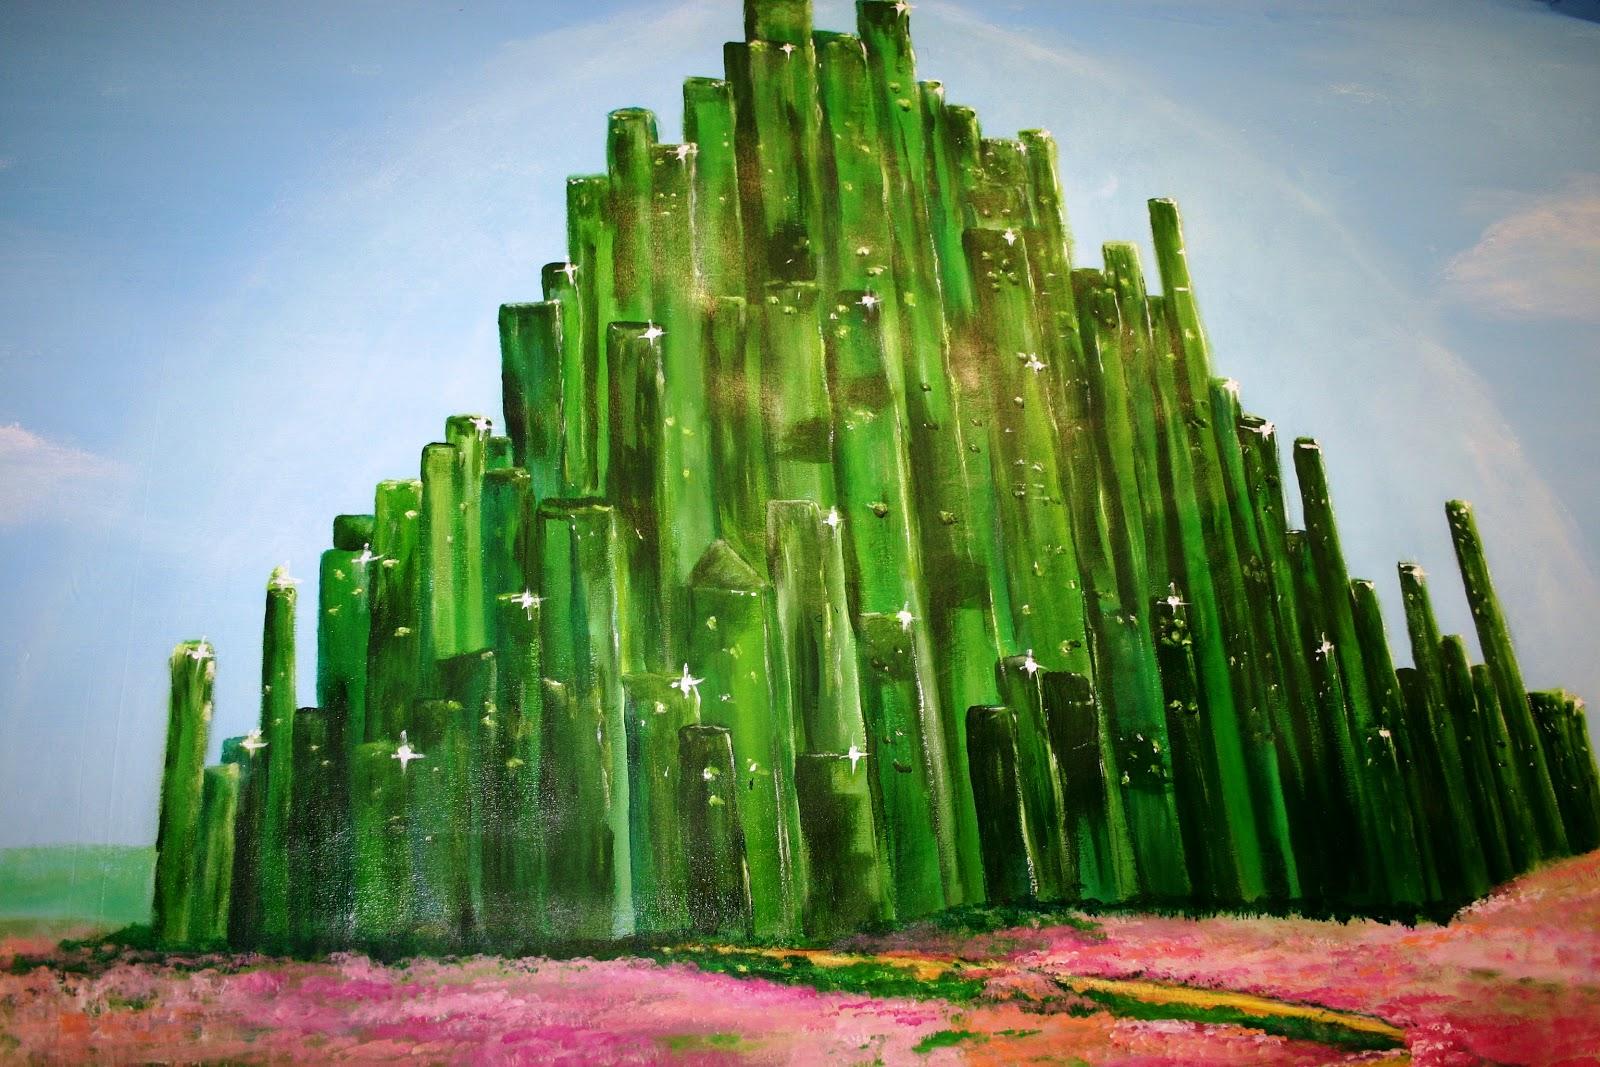 emerald city 'emerald city' se trata de la nueva y oscura reinvención de la obra firmada por el neoyorquino lfrank baum: 'el maravilloso mago de oz' gira en torno a los 14.